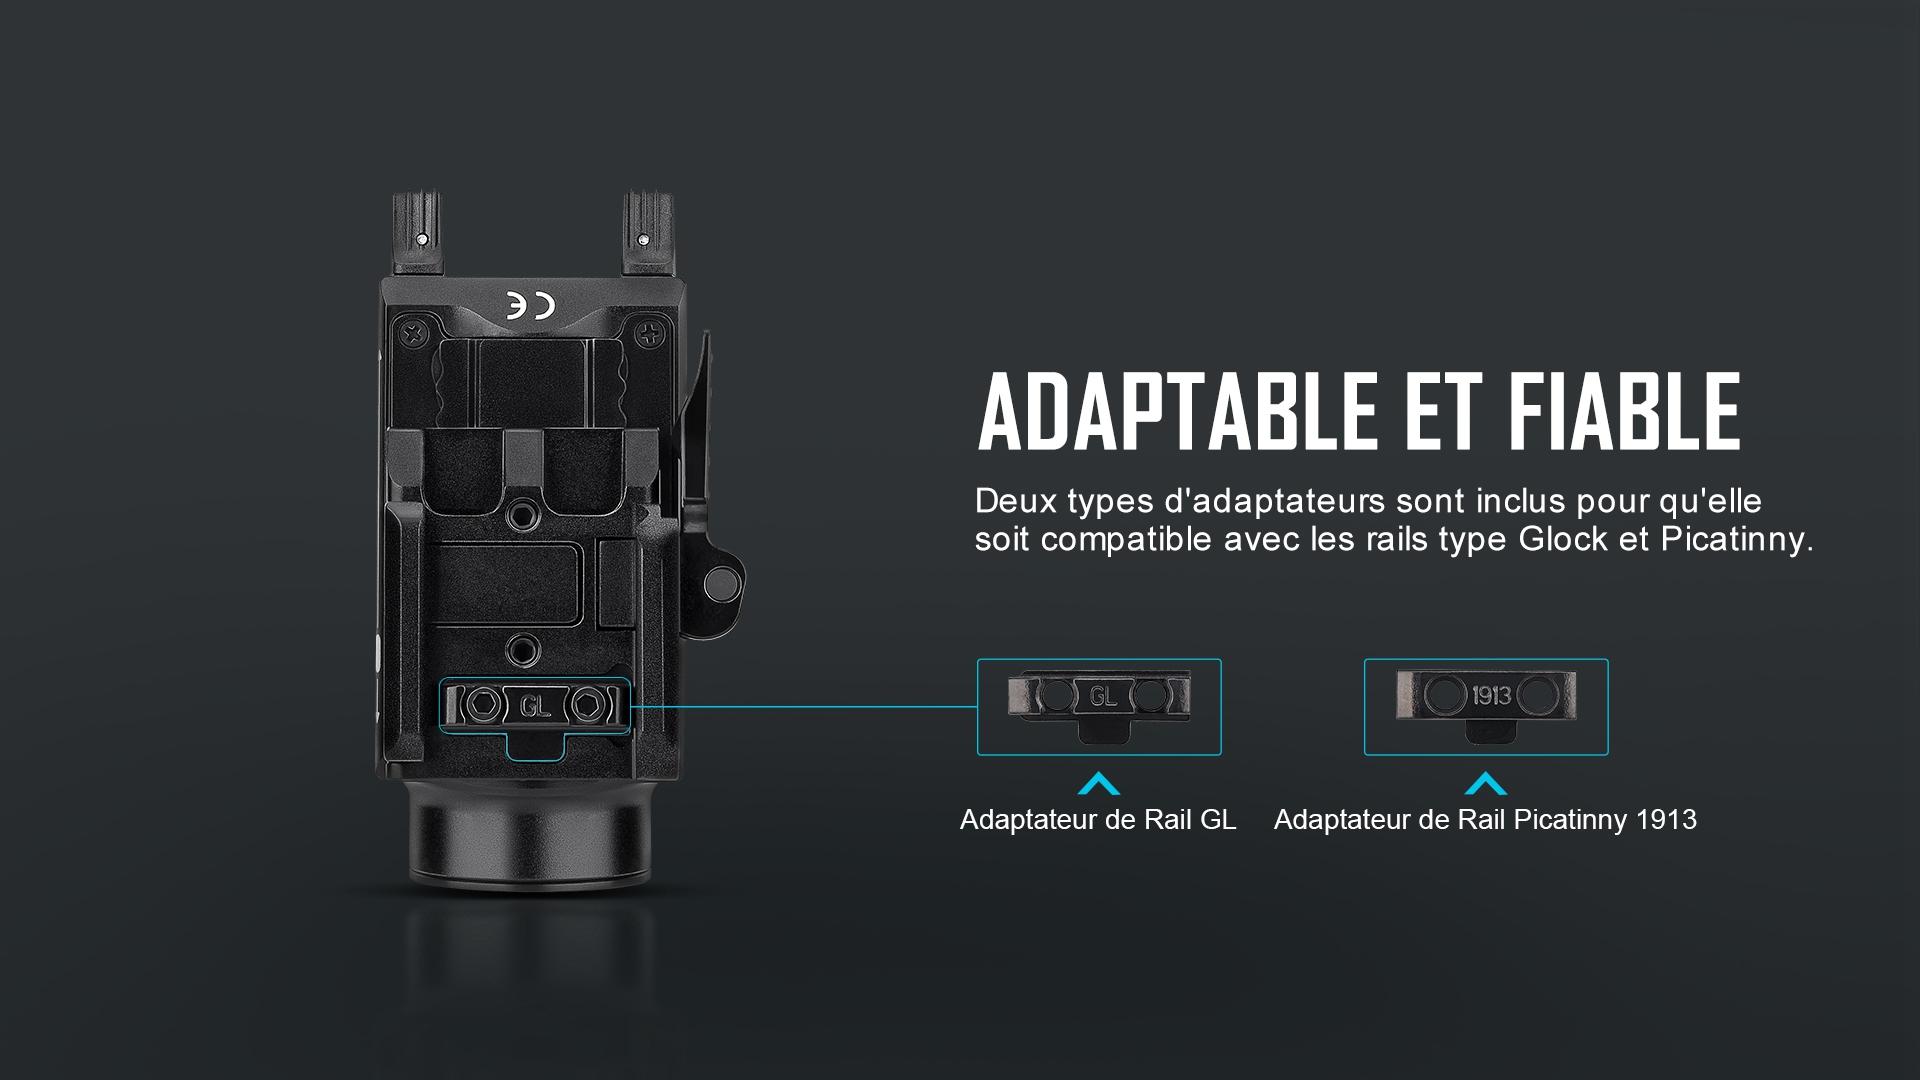 Baldr S est compatible avec les rails de guidage de type Glock et Picatinny